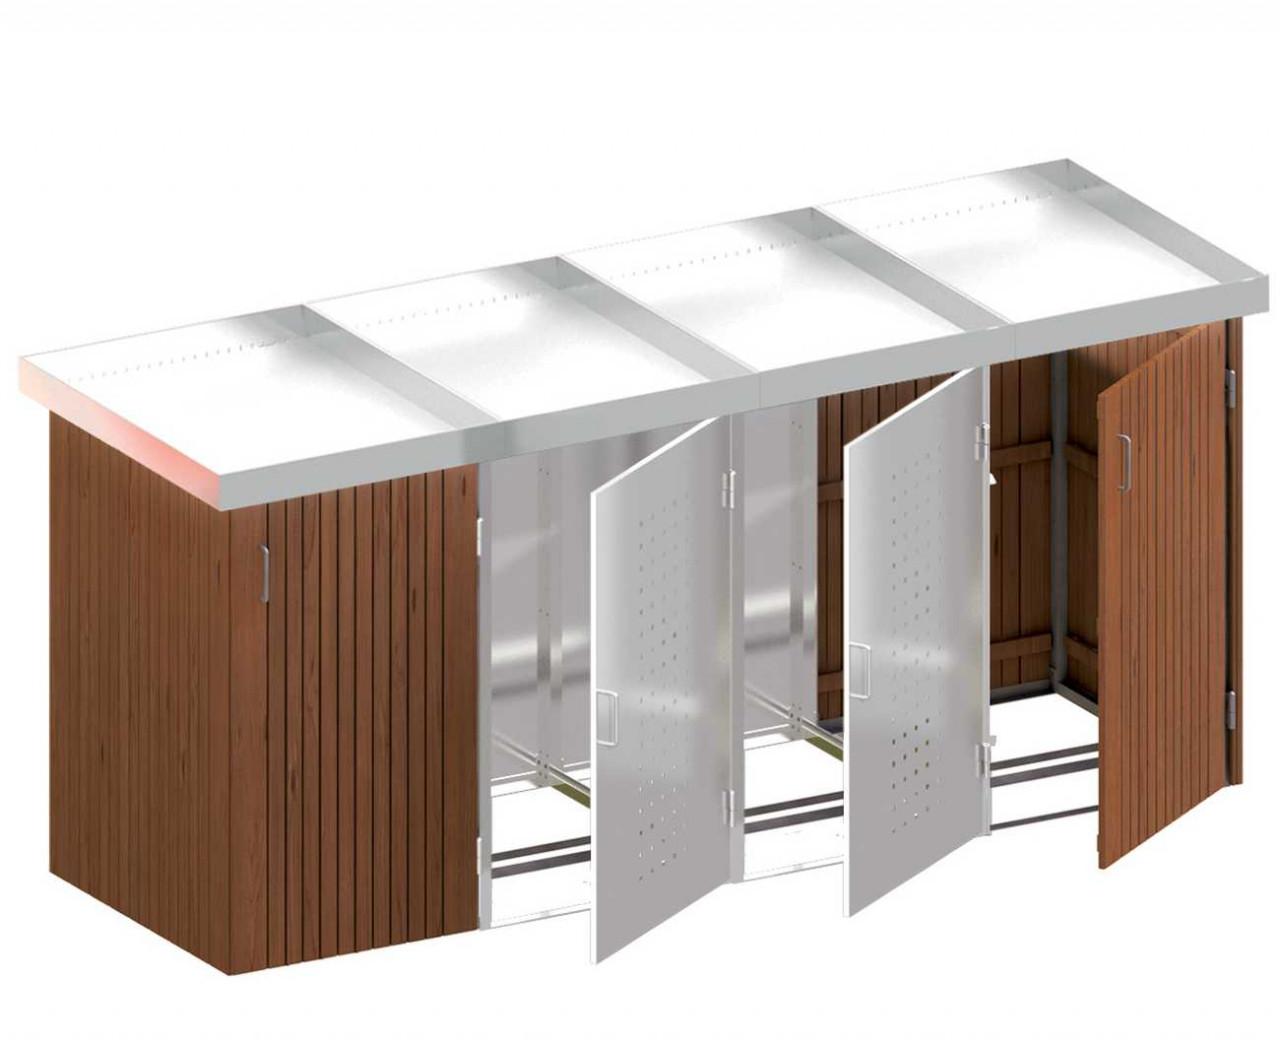 Binto Mülltonnenbox mit Hartholz-/Edelstahlverkleidung und Edelstahl Pflanzschalen